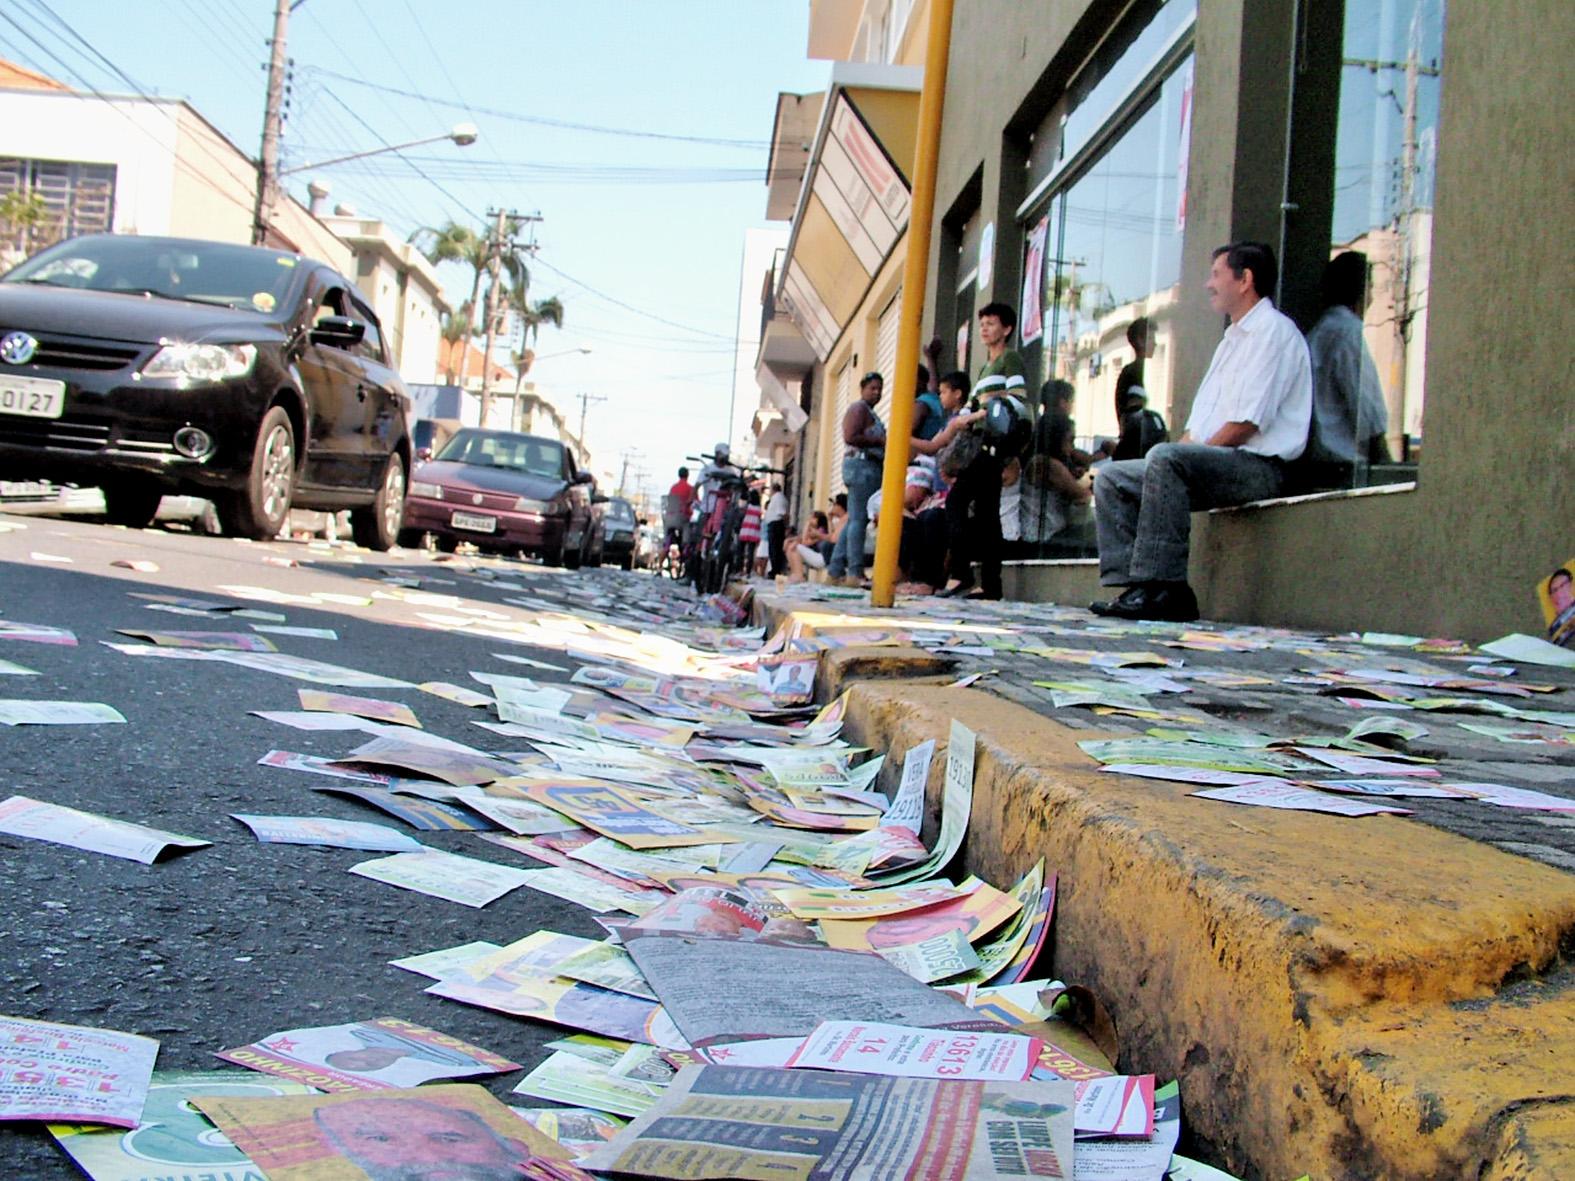 Panfletos tomam conta da rua Dom Bosco, no Centro de Lorena; Justiça promete rigor contra crimes eleitorais no dia da votação na região (Foto: Arquivo Atos)